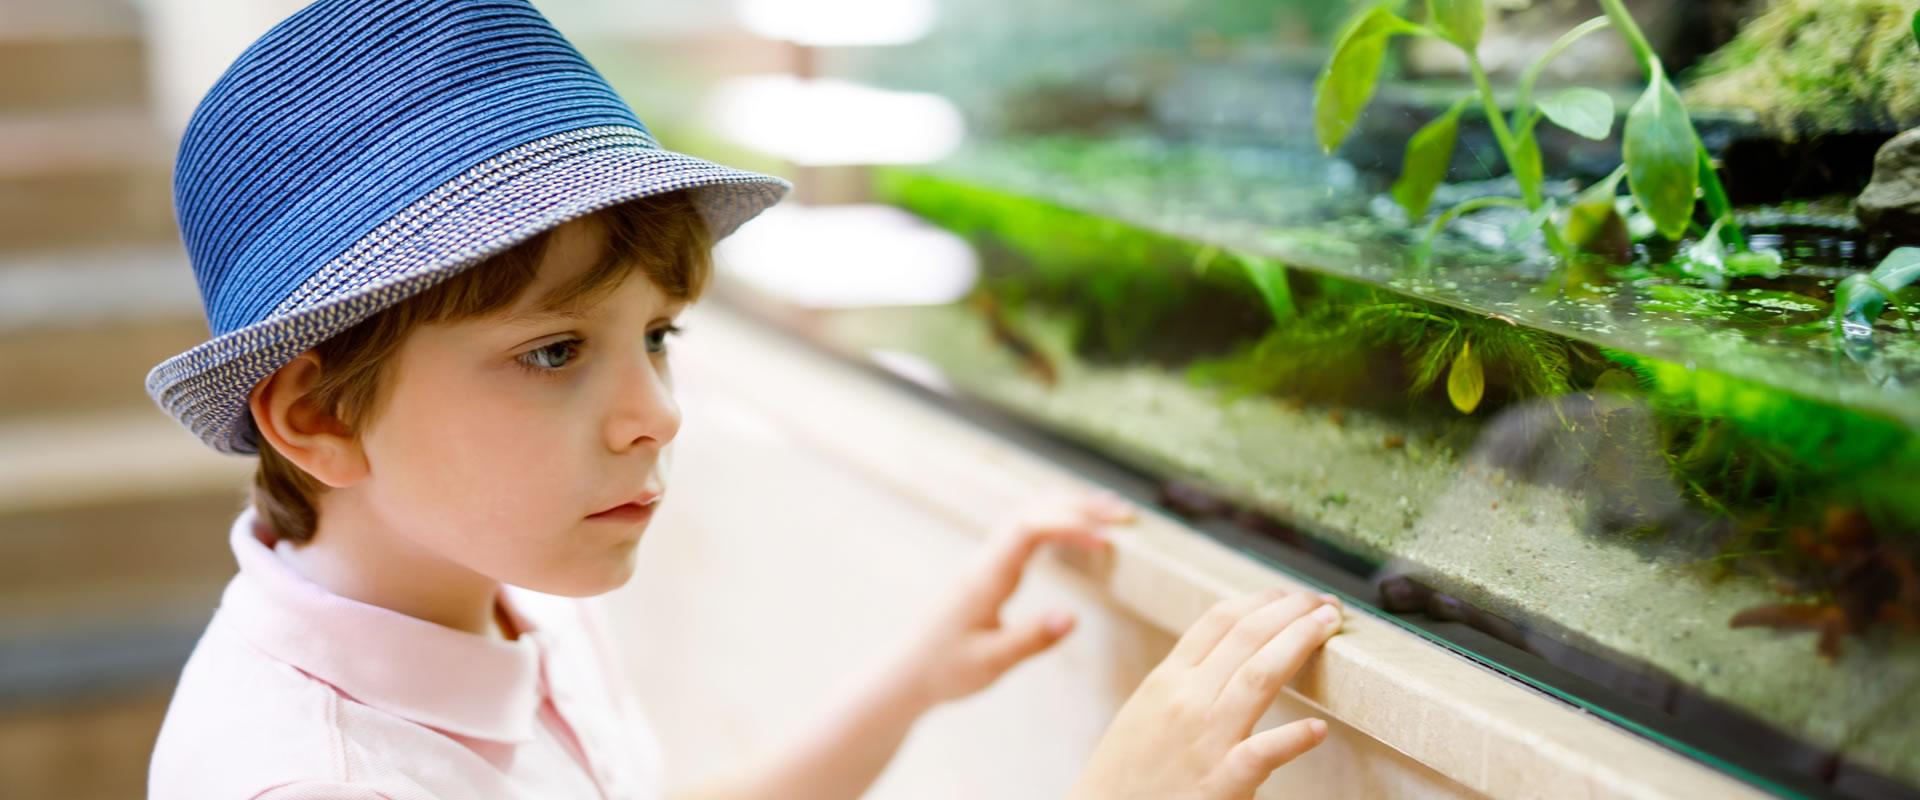 boy looking into aquarium